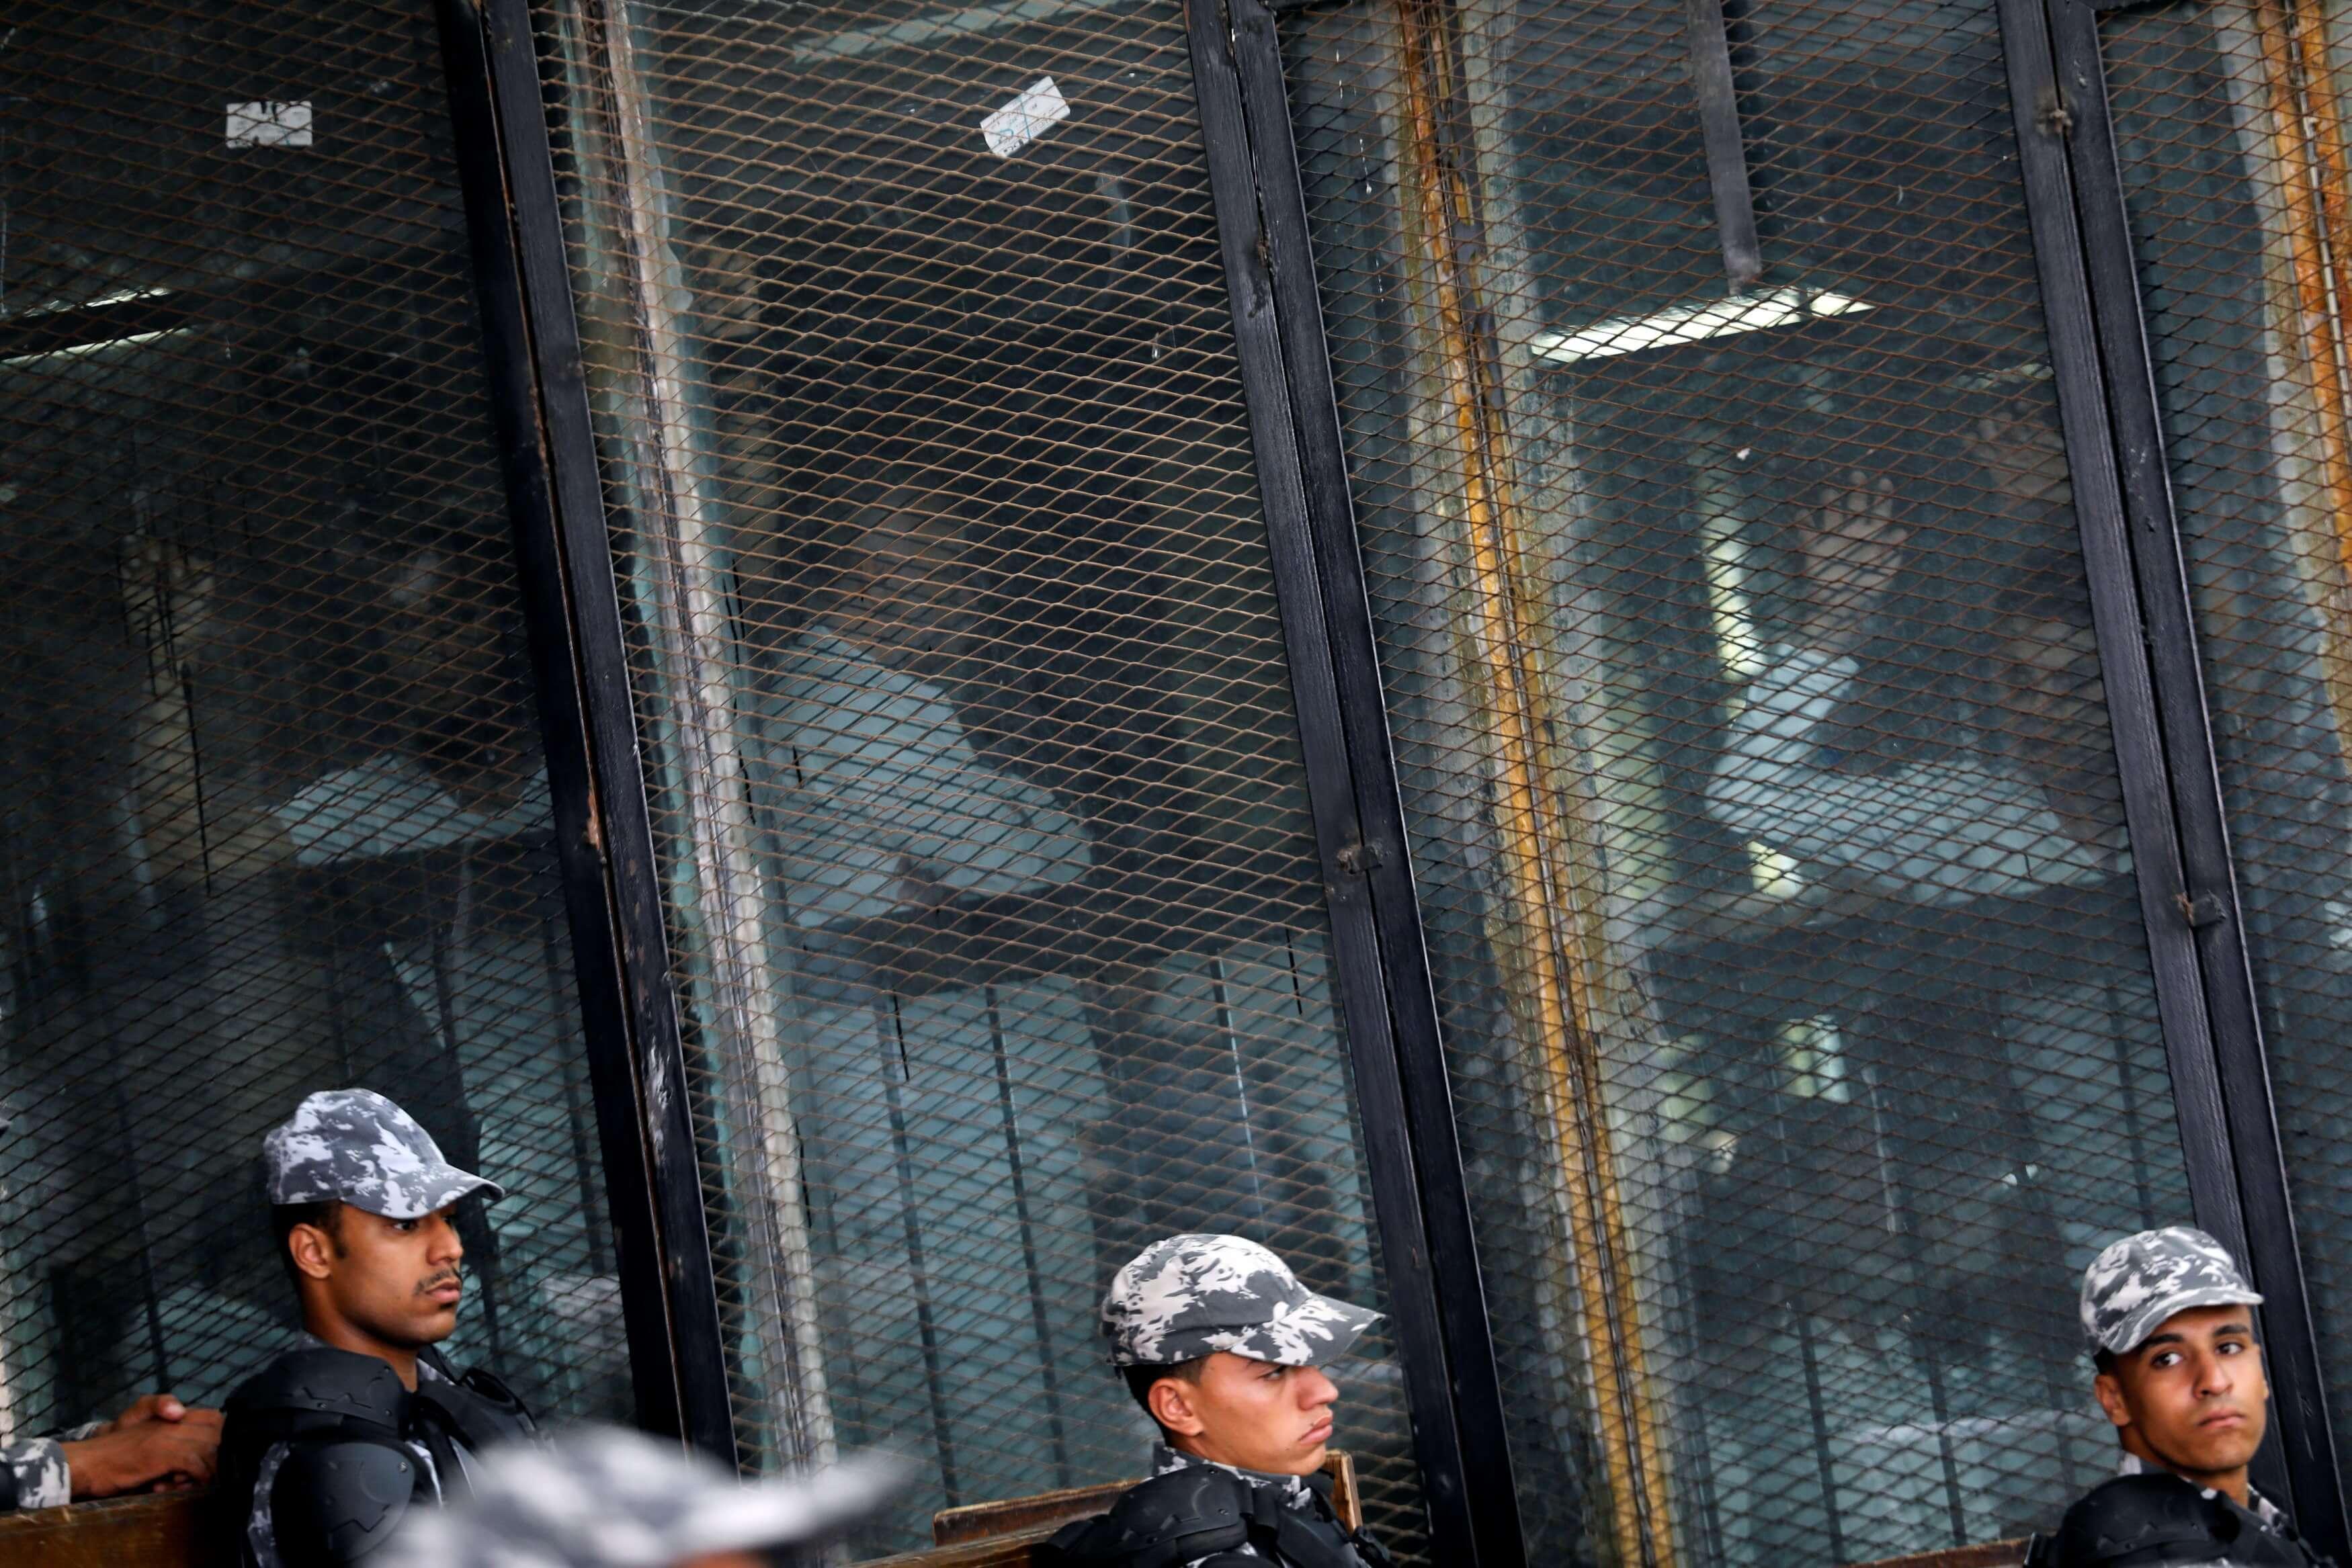 إستنكار حقوقي .. مصر تنفذ أحكام بالإعدام في حق 11 شخصا